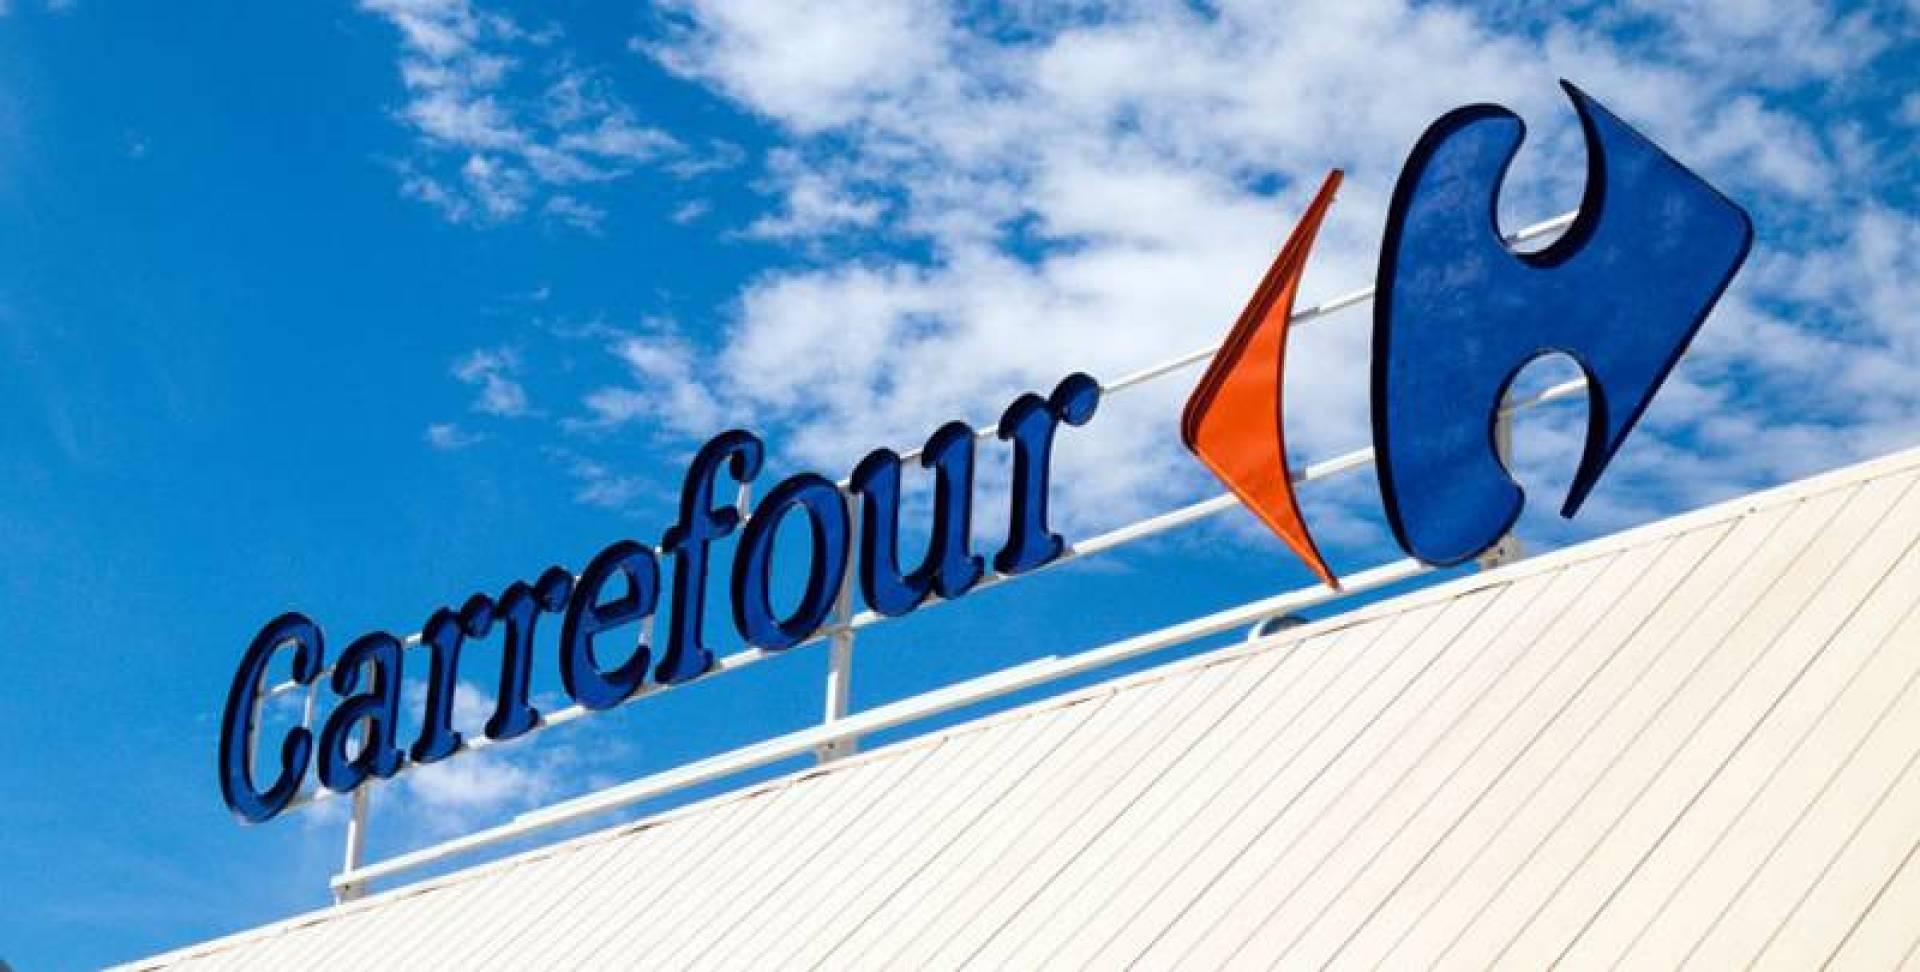 صفقة للاستحواذ على متاجر كارفور بـ 20 مليار دولار